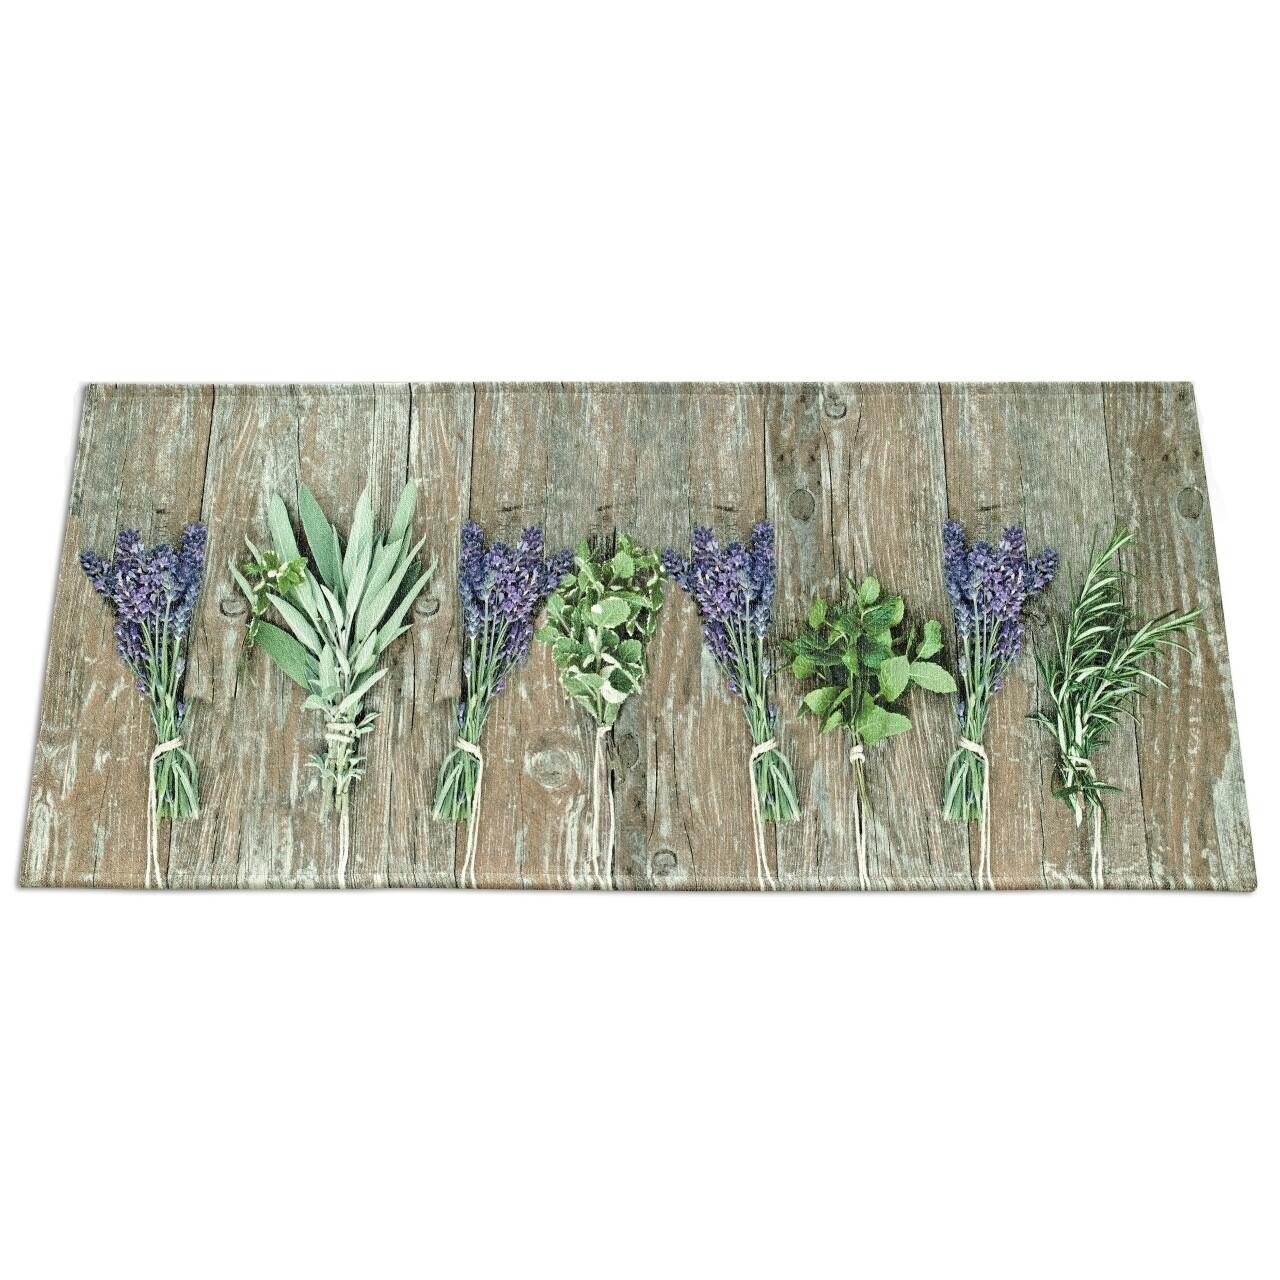 Covor rezistent Webtappeti Lavender 60x115 cm, bej/verde